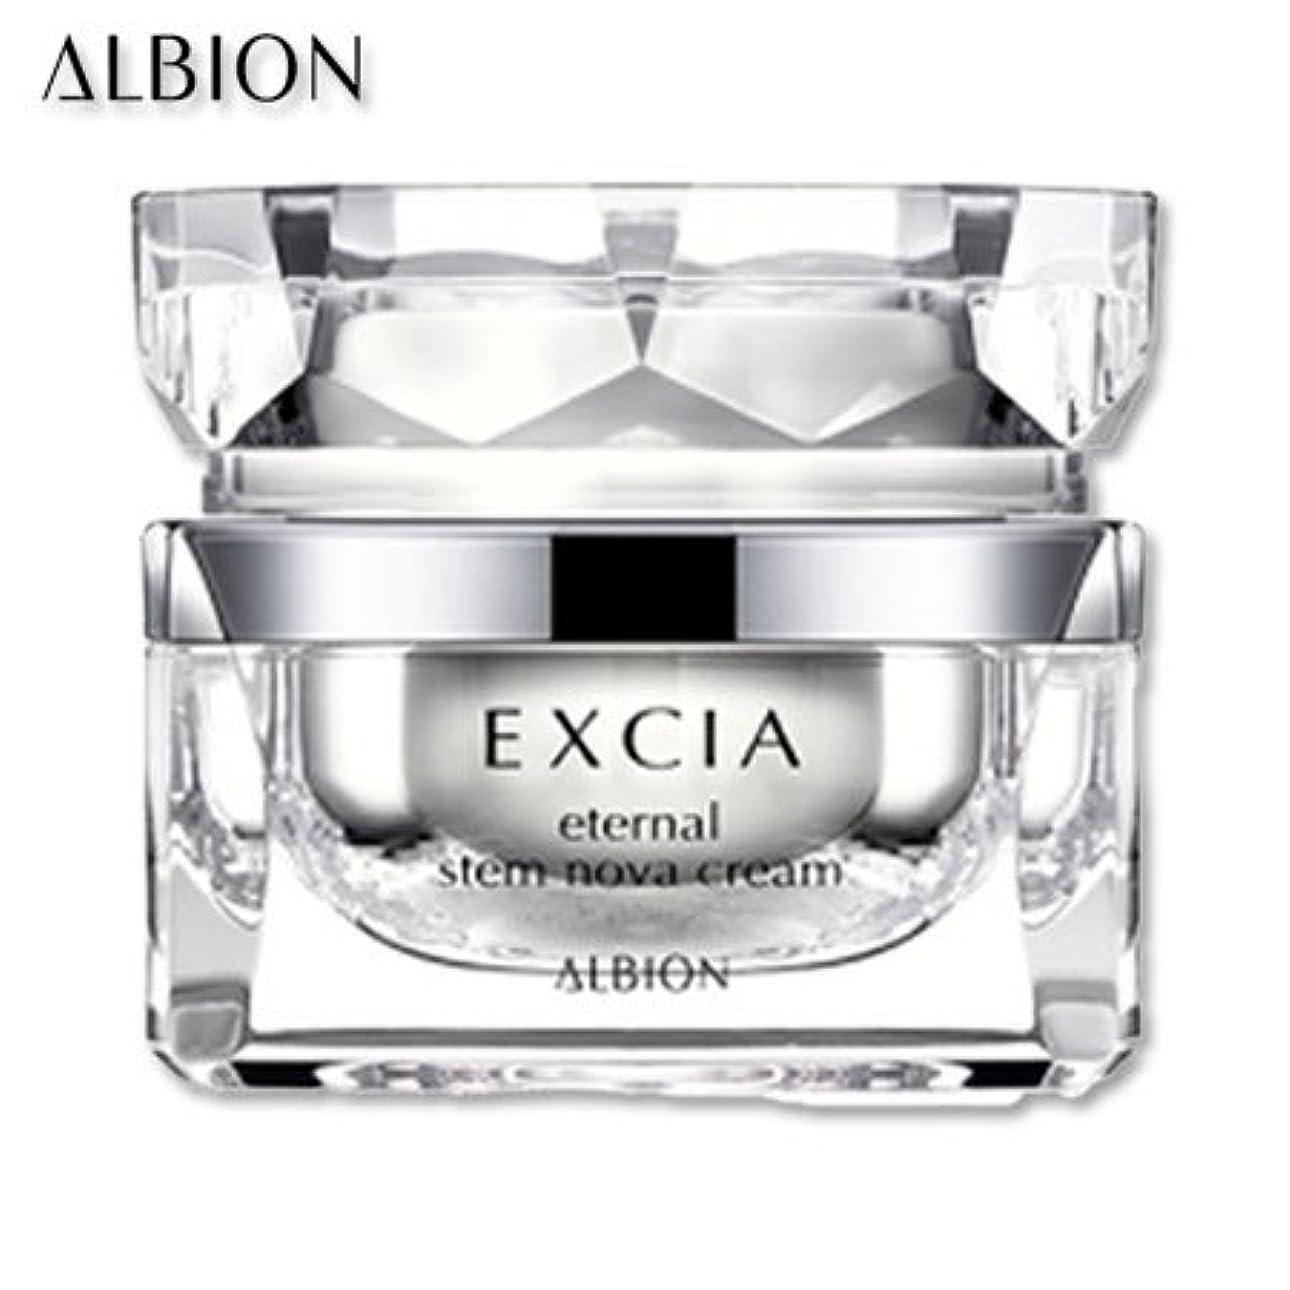 経験的ポテト寄り添うアルビオン エクシア AL エターナル ステム ノーヴァ クリーム 30g-ALBION-